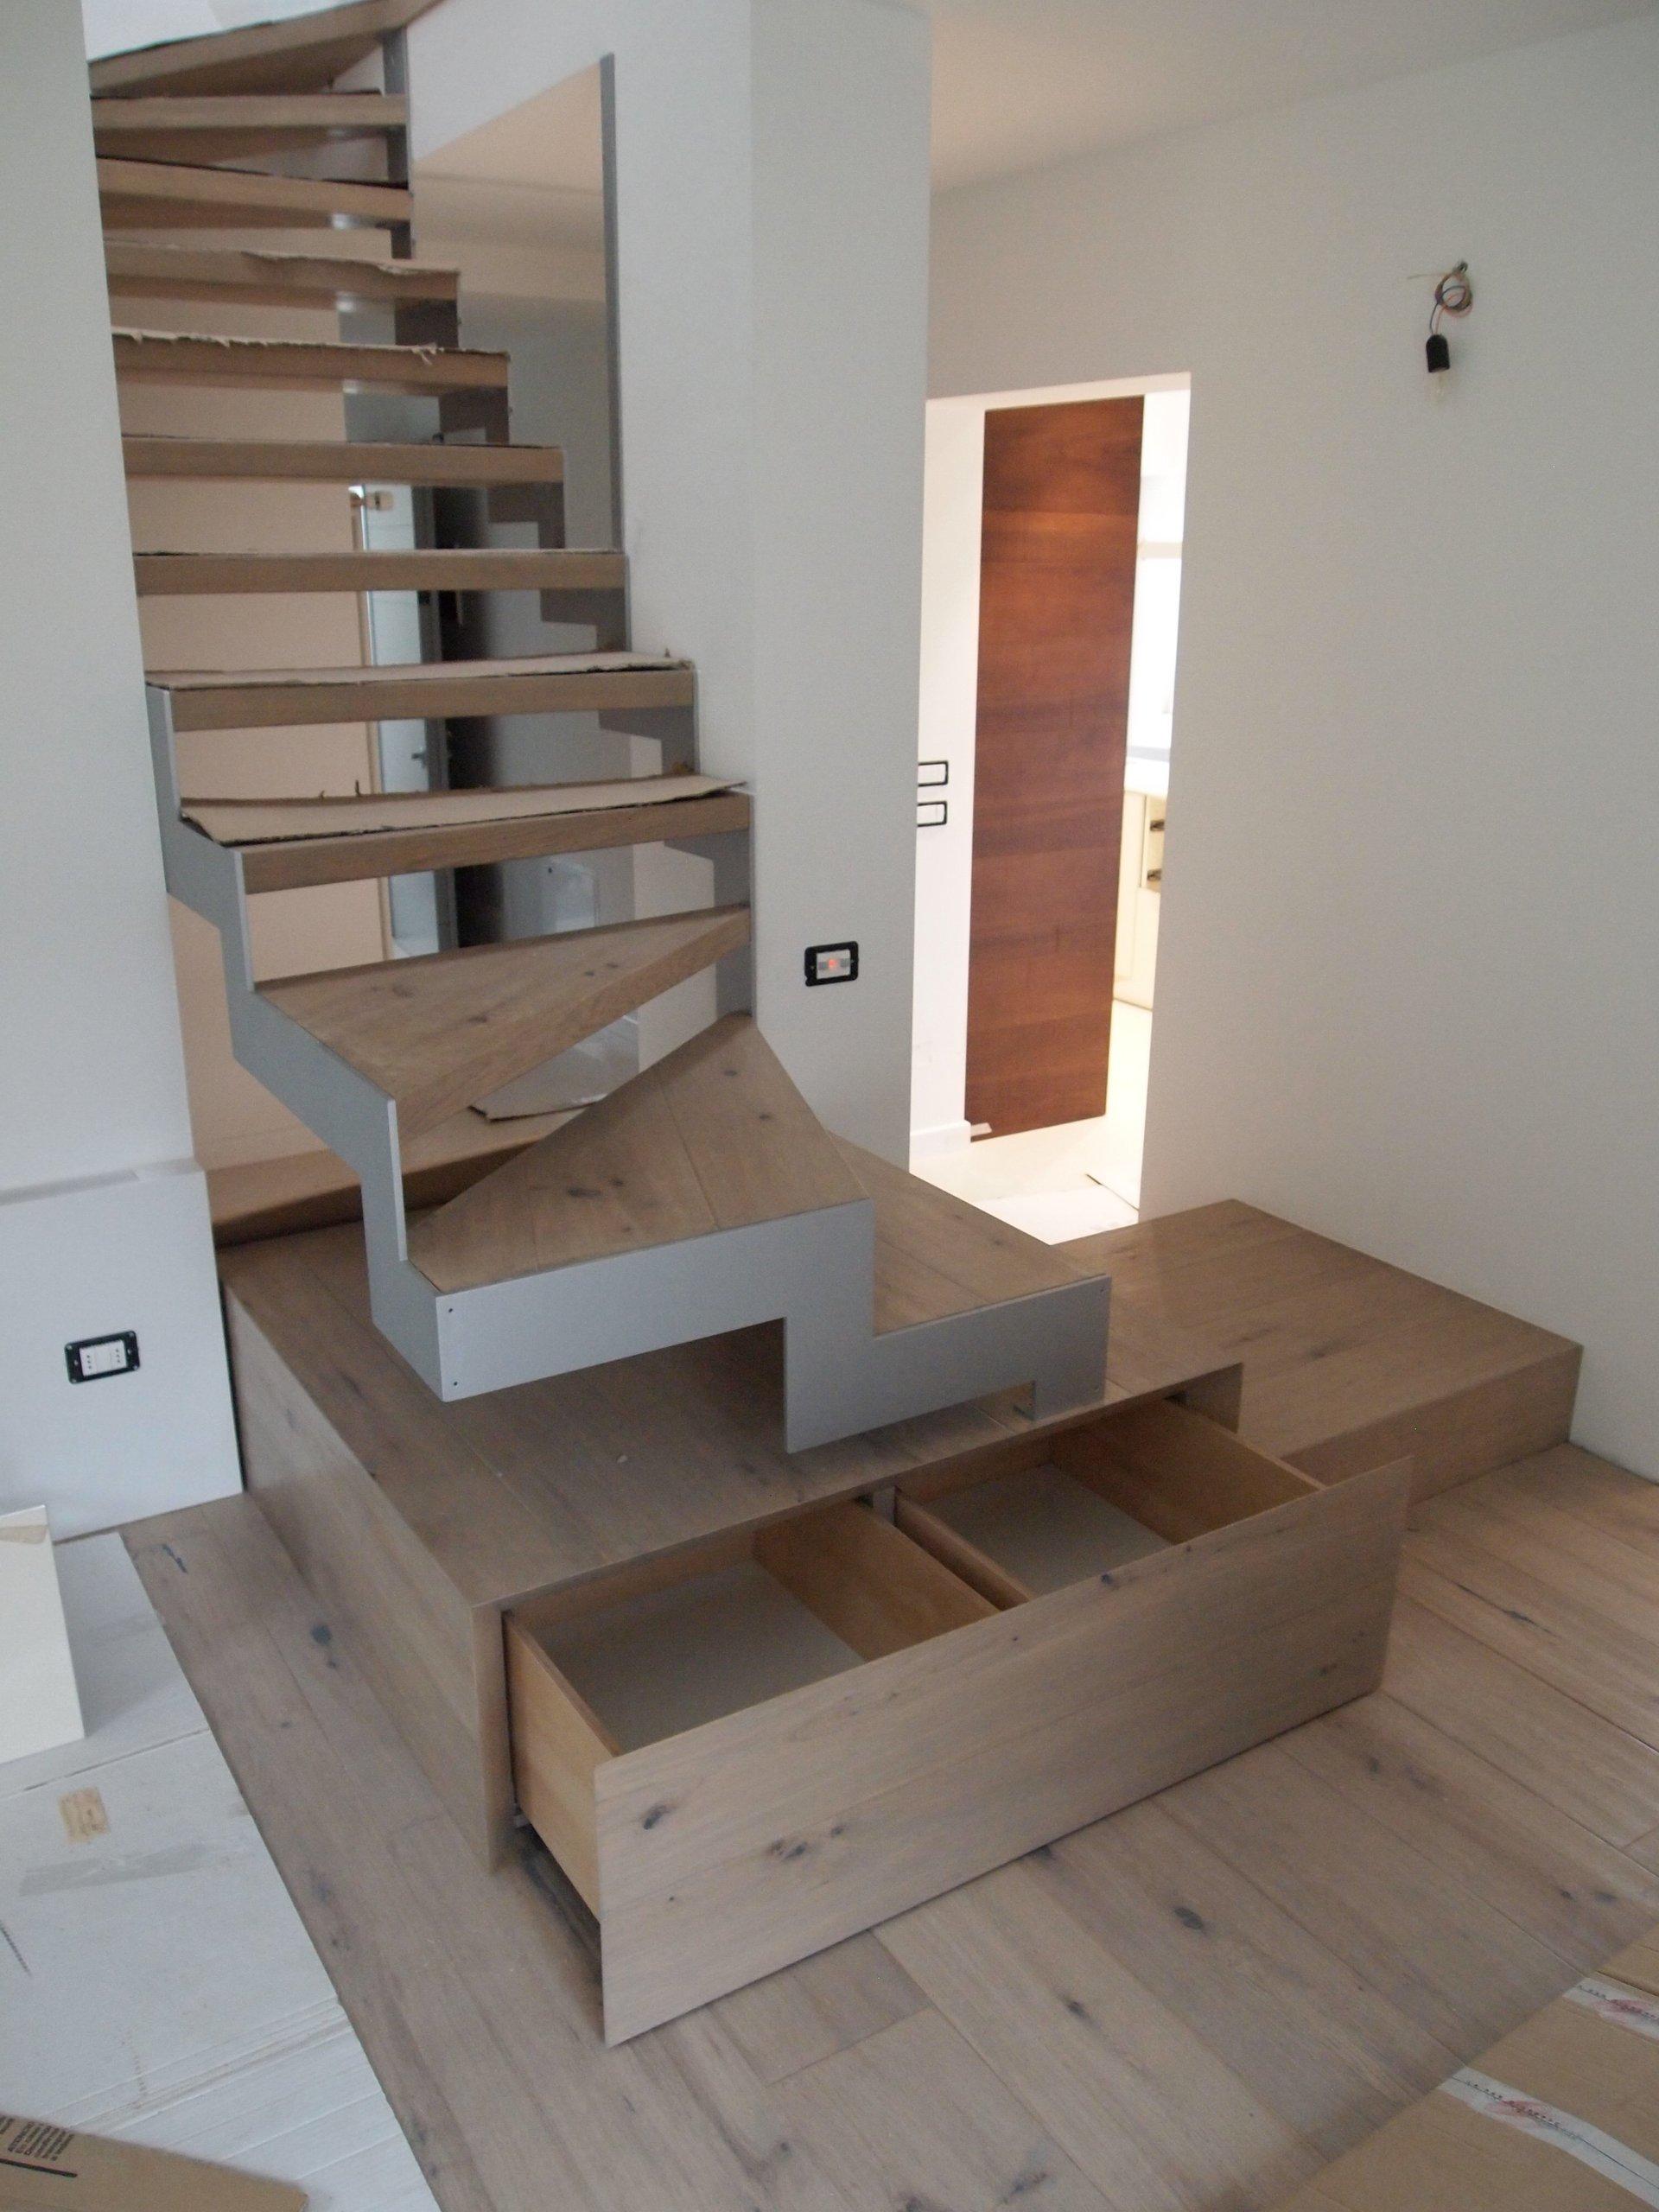 scala in legno con cassettoni apribili finali